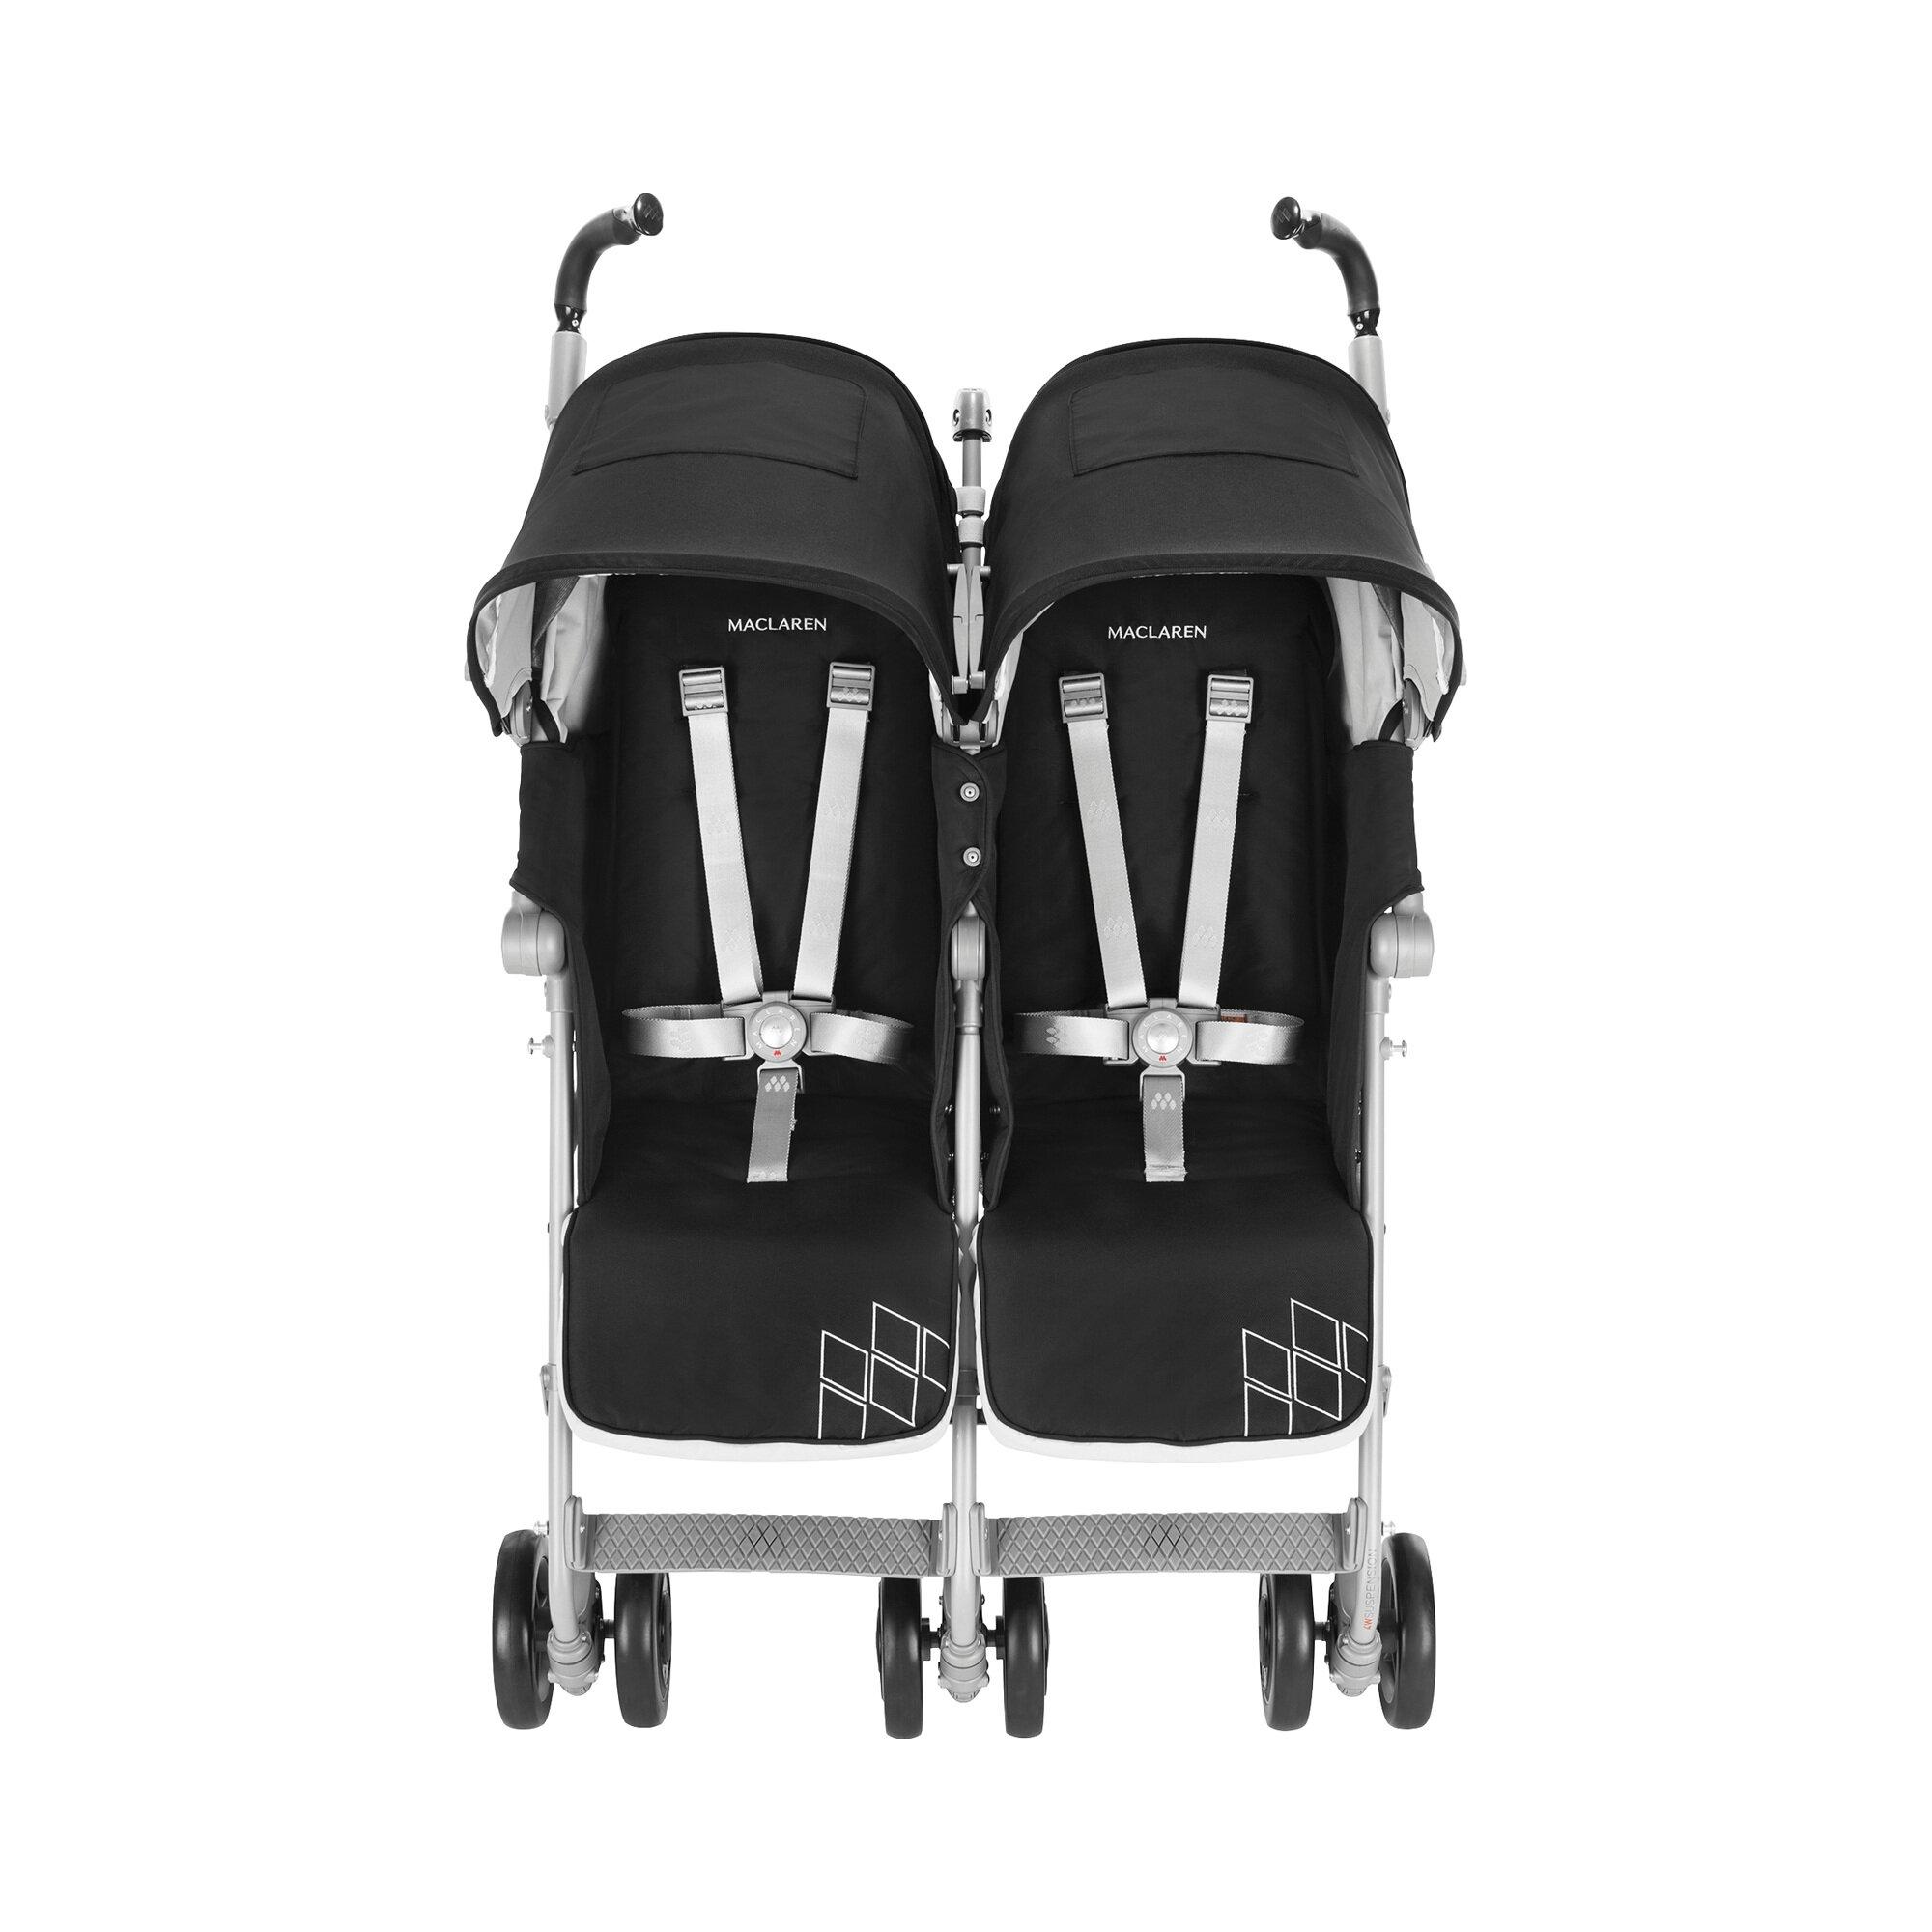 maclaren-twin-techno-kinderwagen-zwillingswagen-schwarz